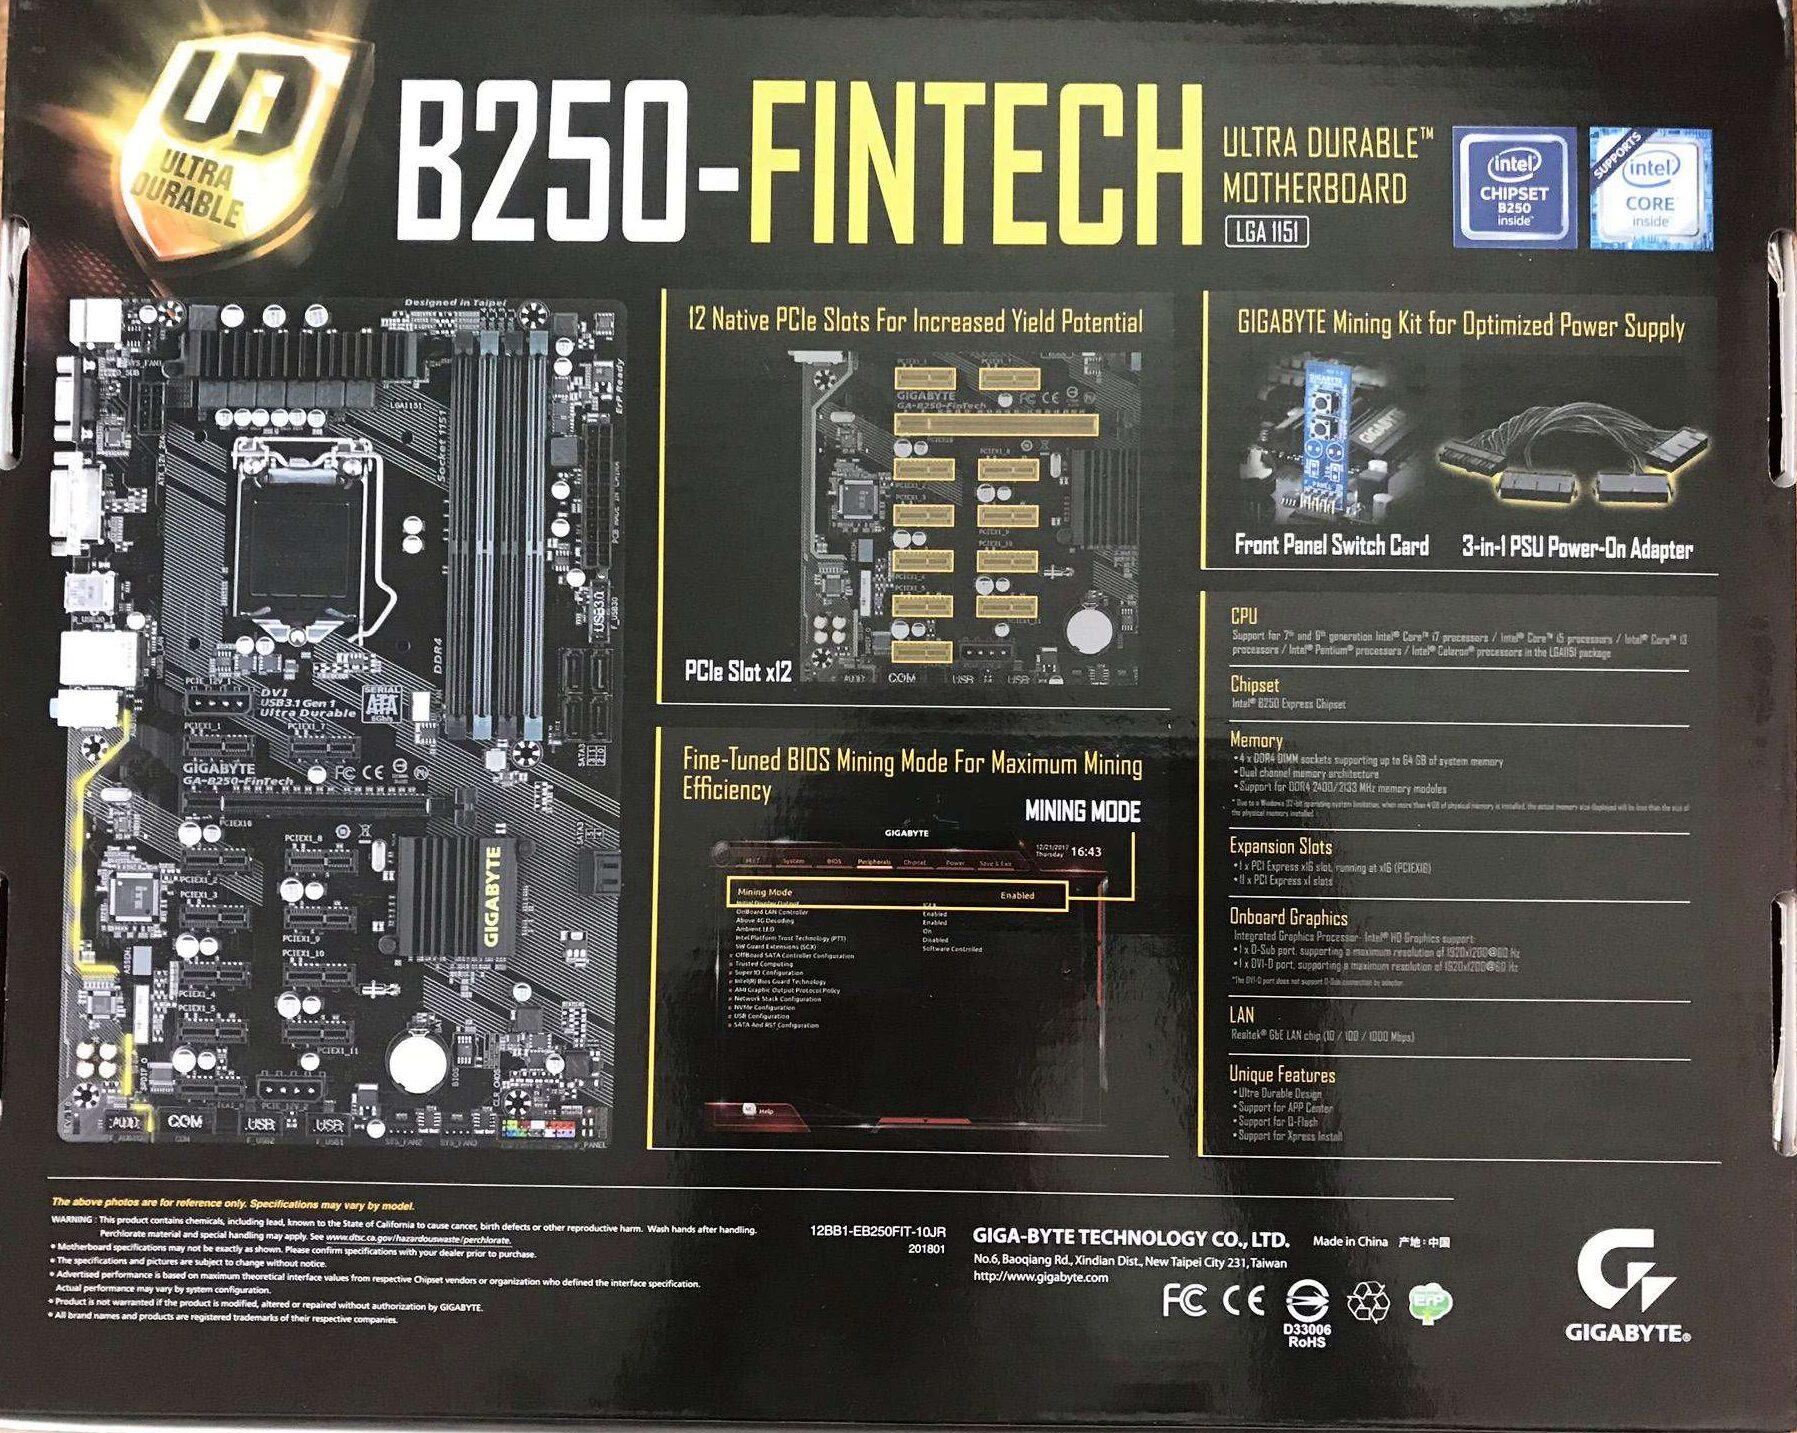 Фото платы Gigabyte GA-B250-FinTech